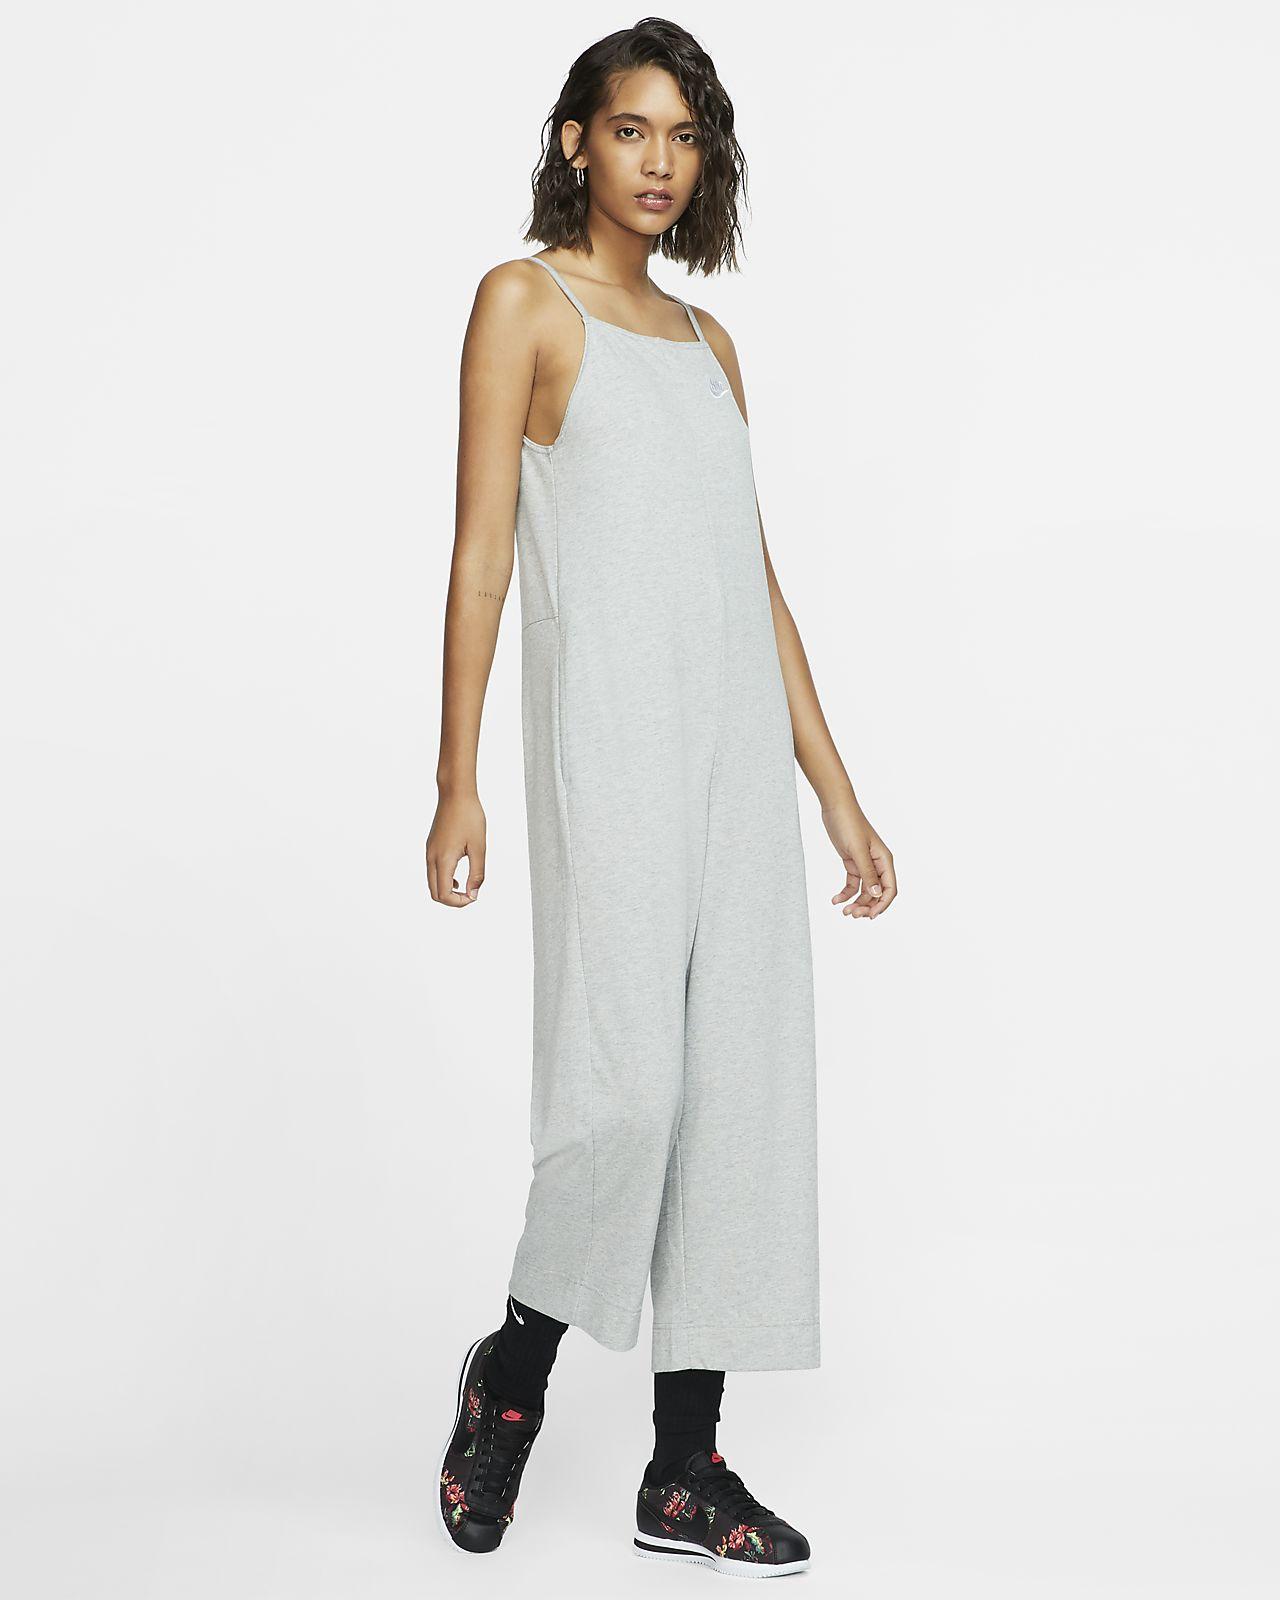 Qualité supérieure 37206 efe49 Combinaison Nike Sportswear pour Femme